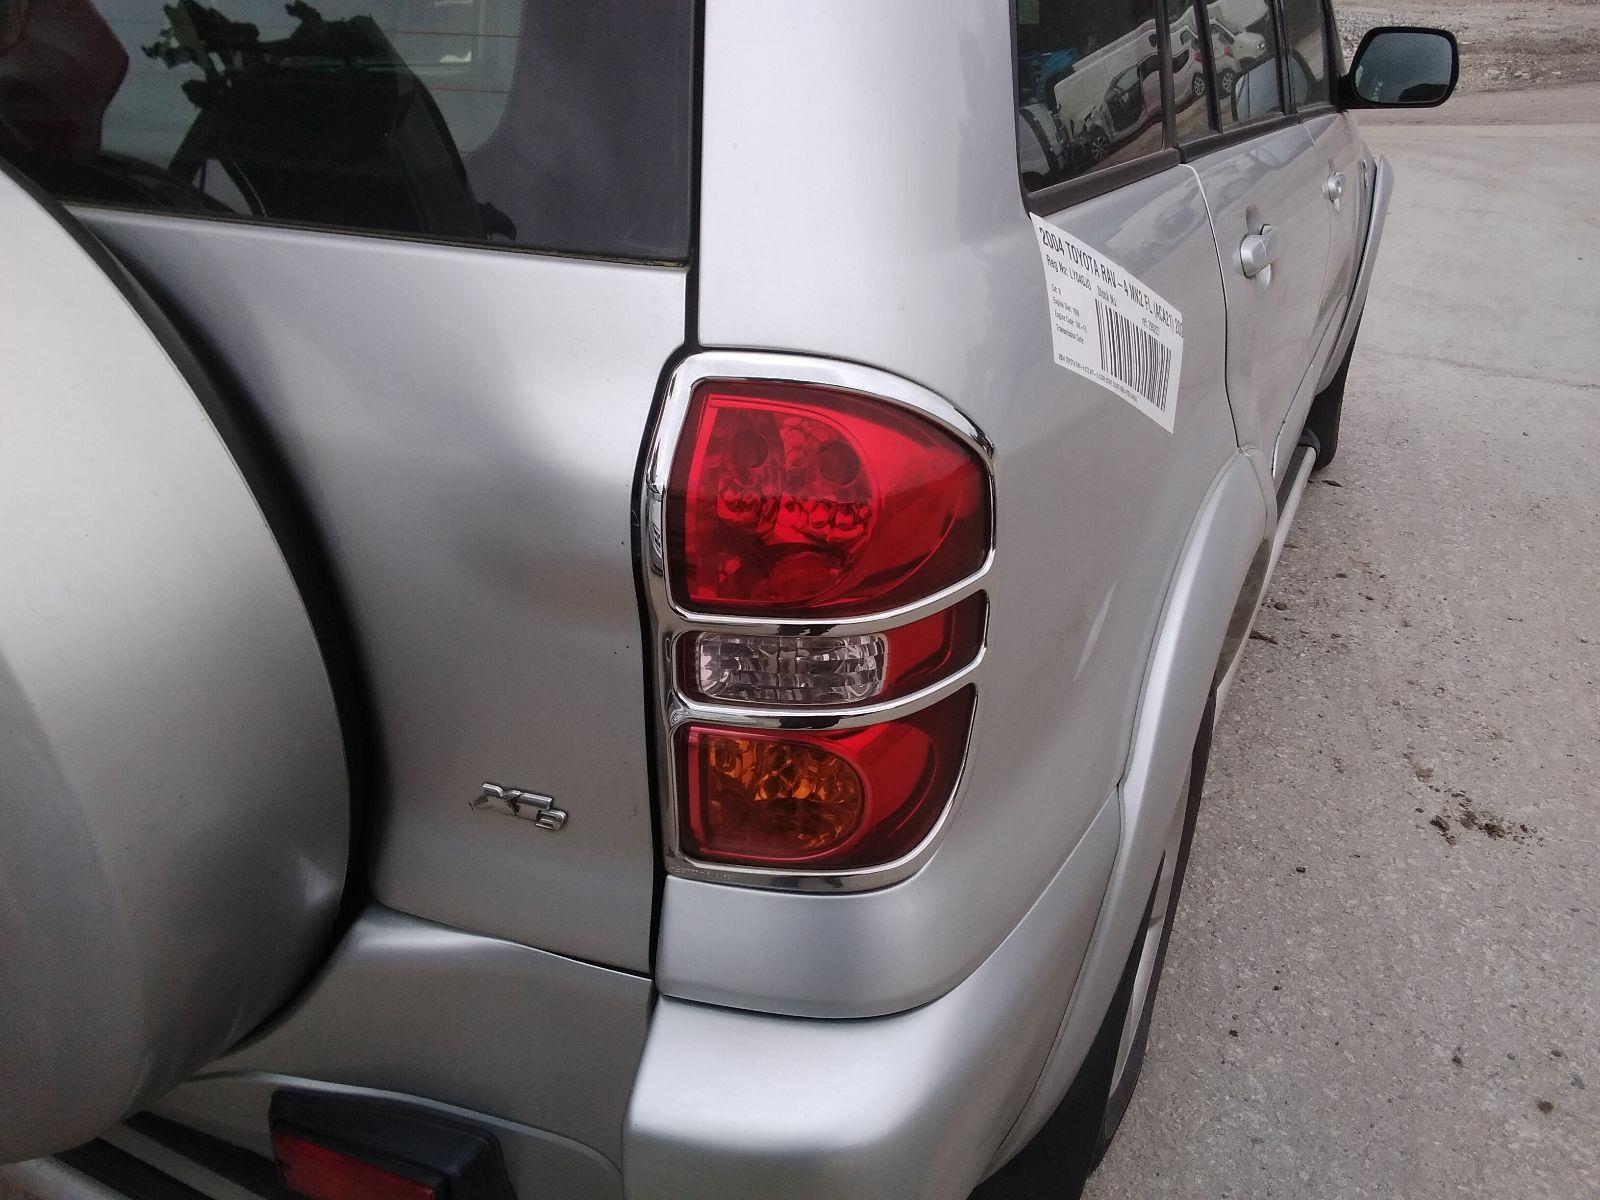 TOYOTA, RAV-4, MK2 FL (ACA21) 2000 TO 2005, XT3 VVT-I 5 DOOR ESTATE, Lamp Assembly Rear RH